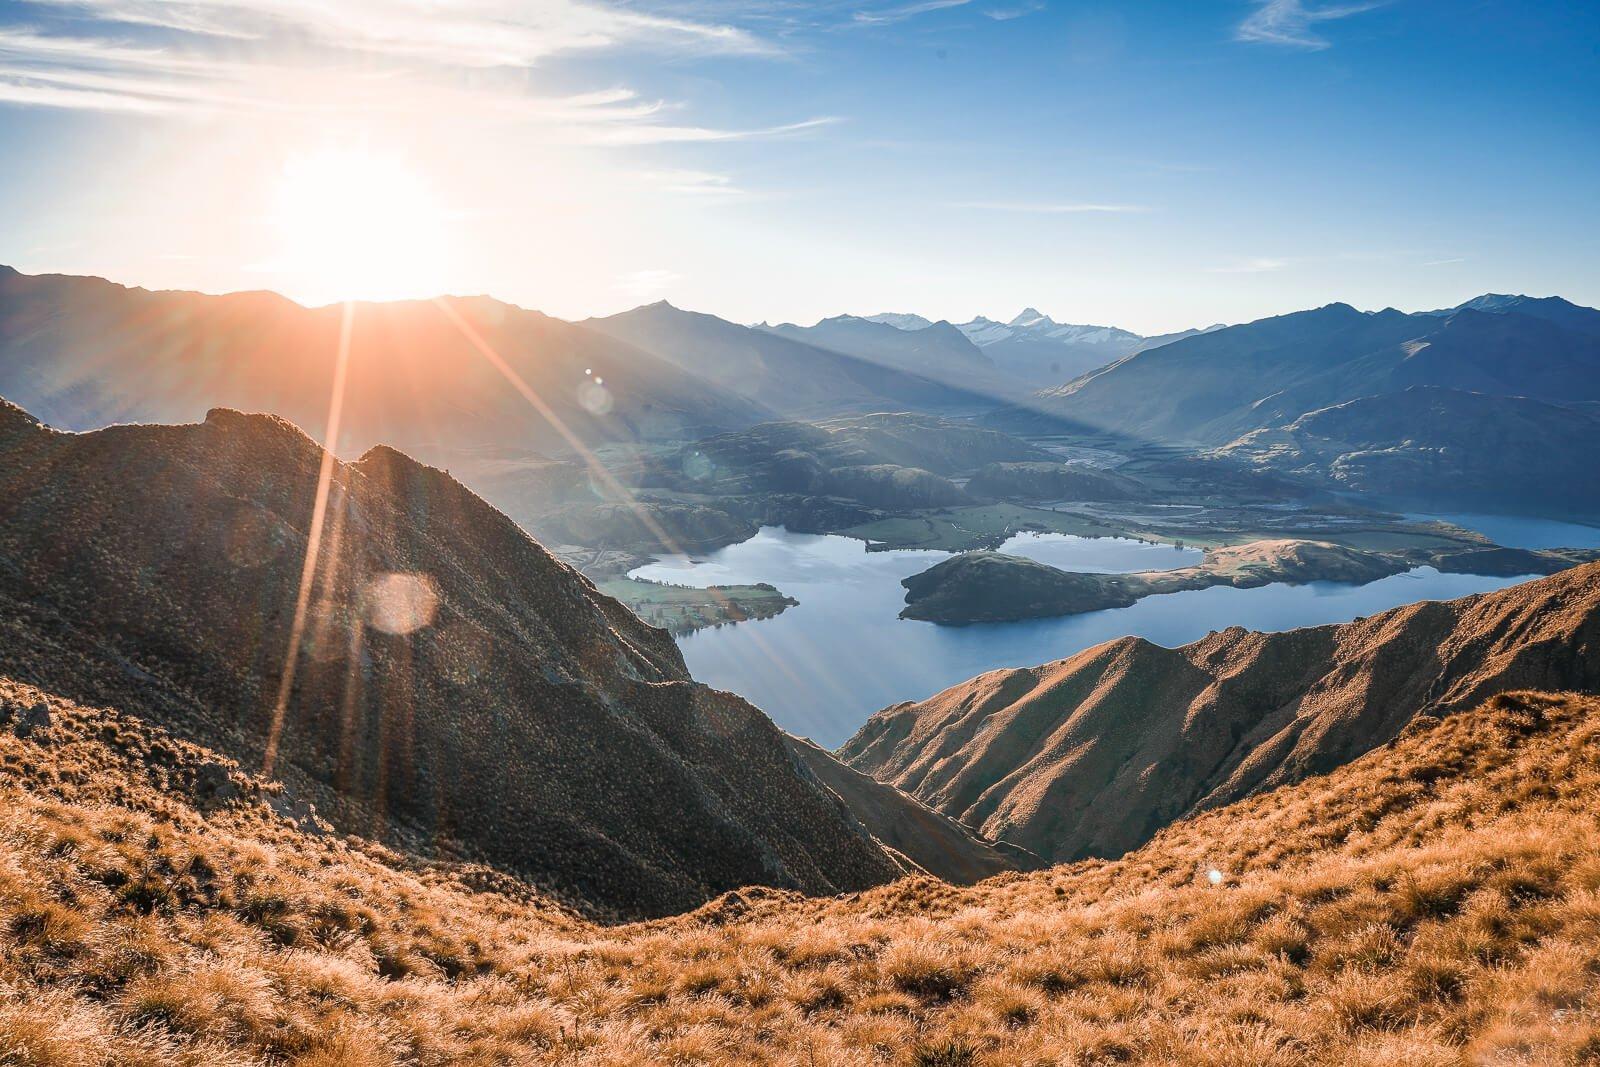 Mooiste wandelingen Zuidereiland Nieuw-Zeeland - Roy's Peak Track